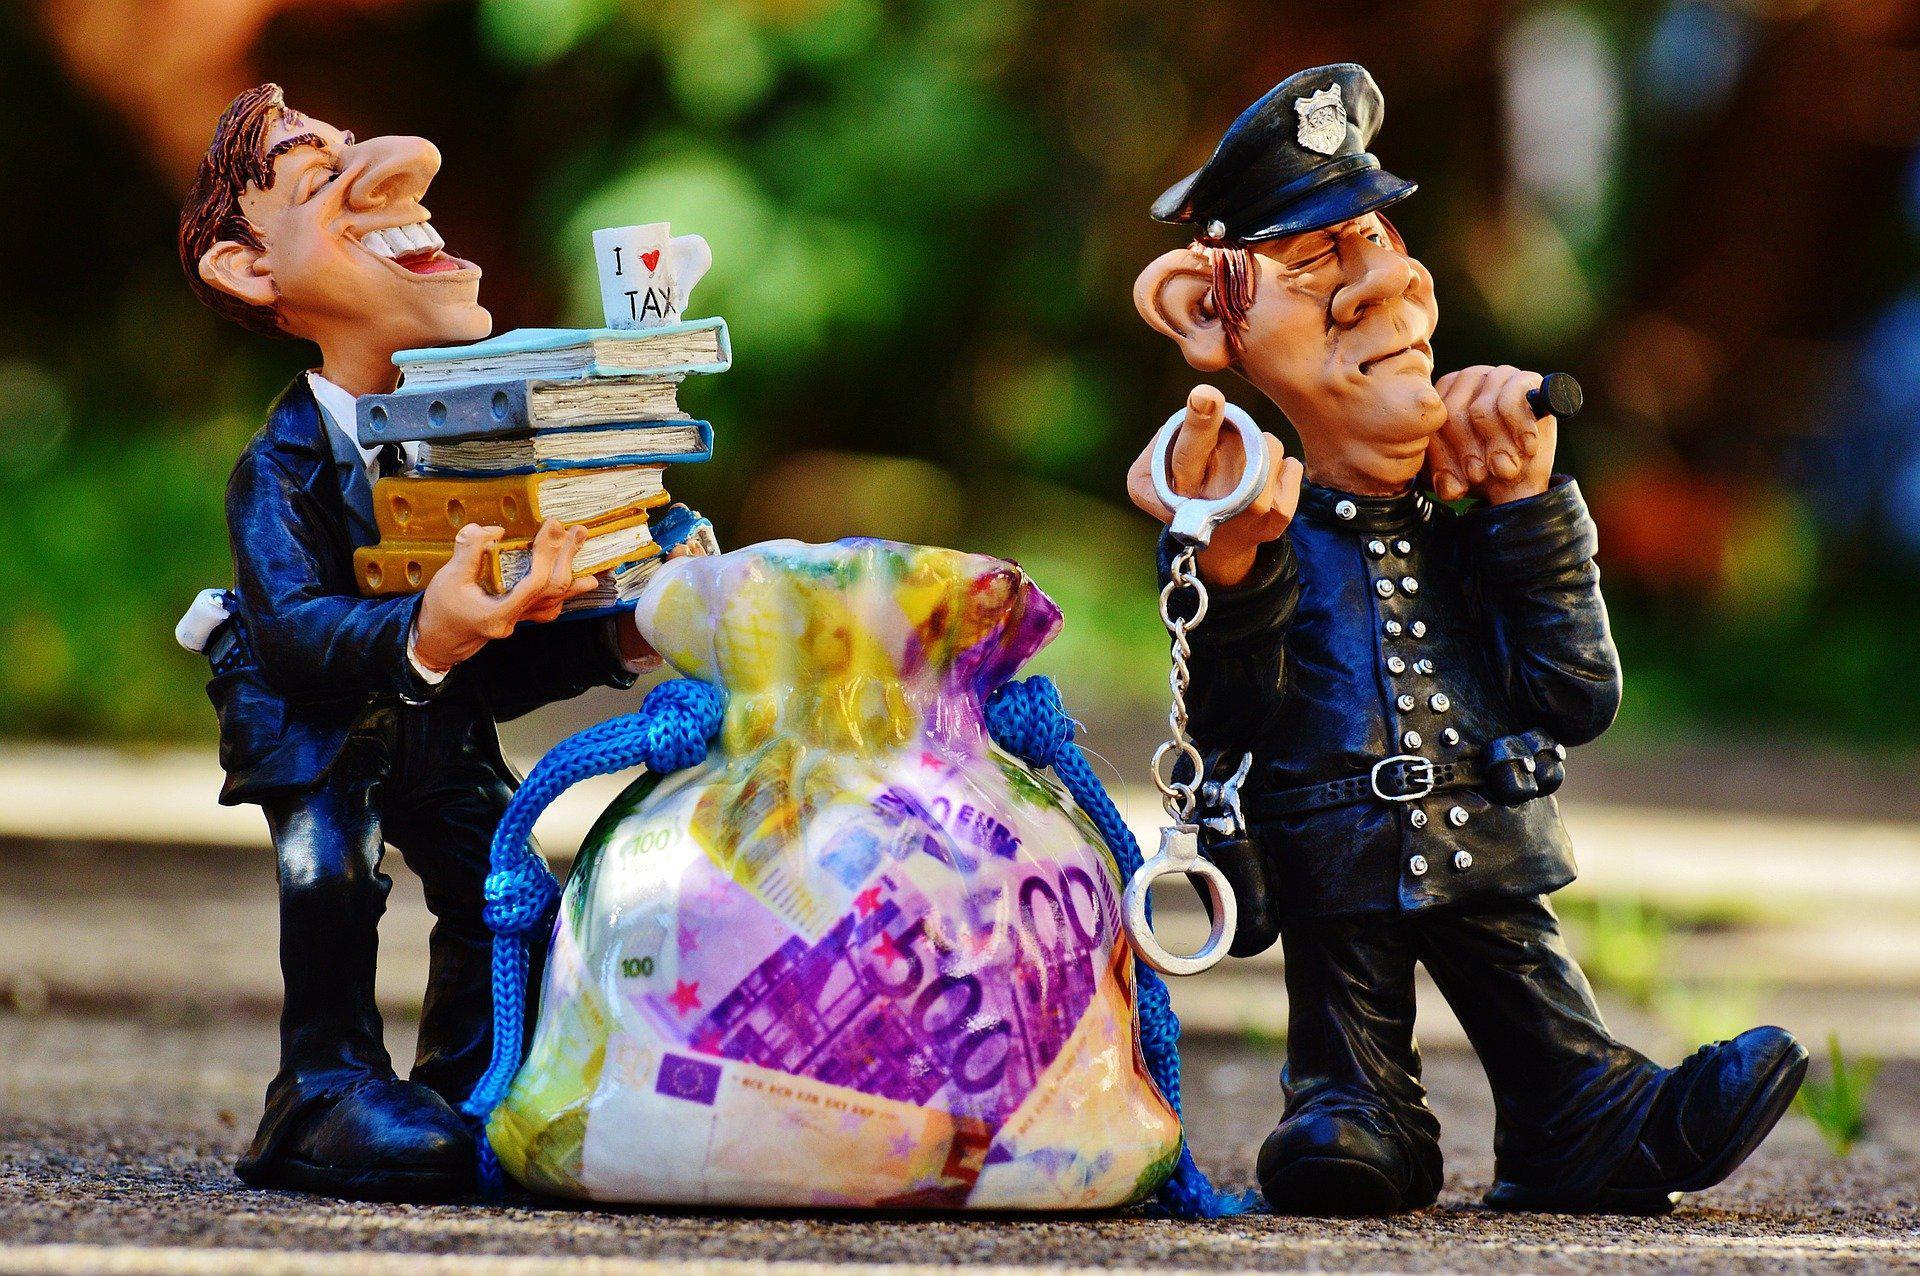 Срок исполнения ФНС РФ государственной функции по осуществлению контроля и надзора за полнотой учета выручки денежных средств